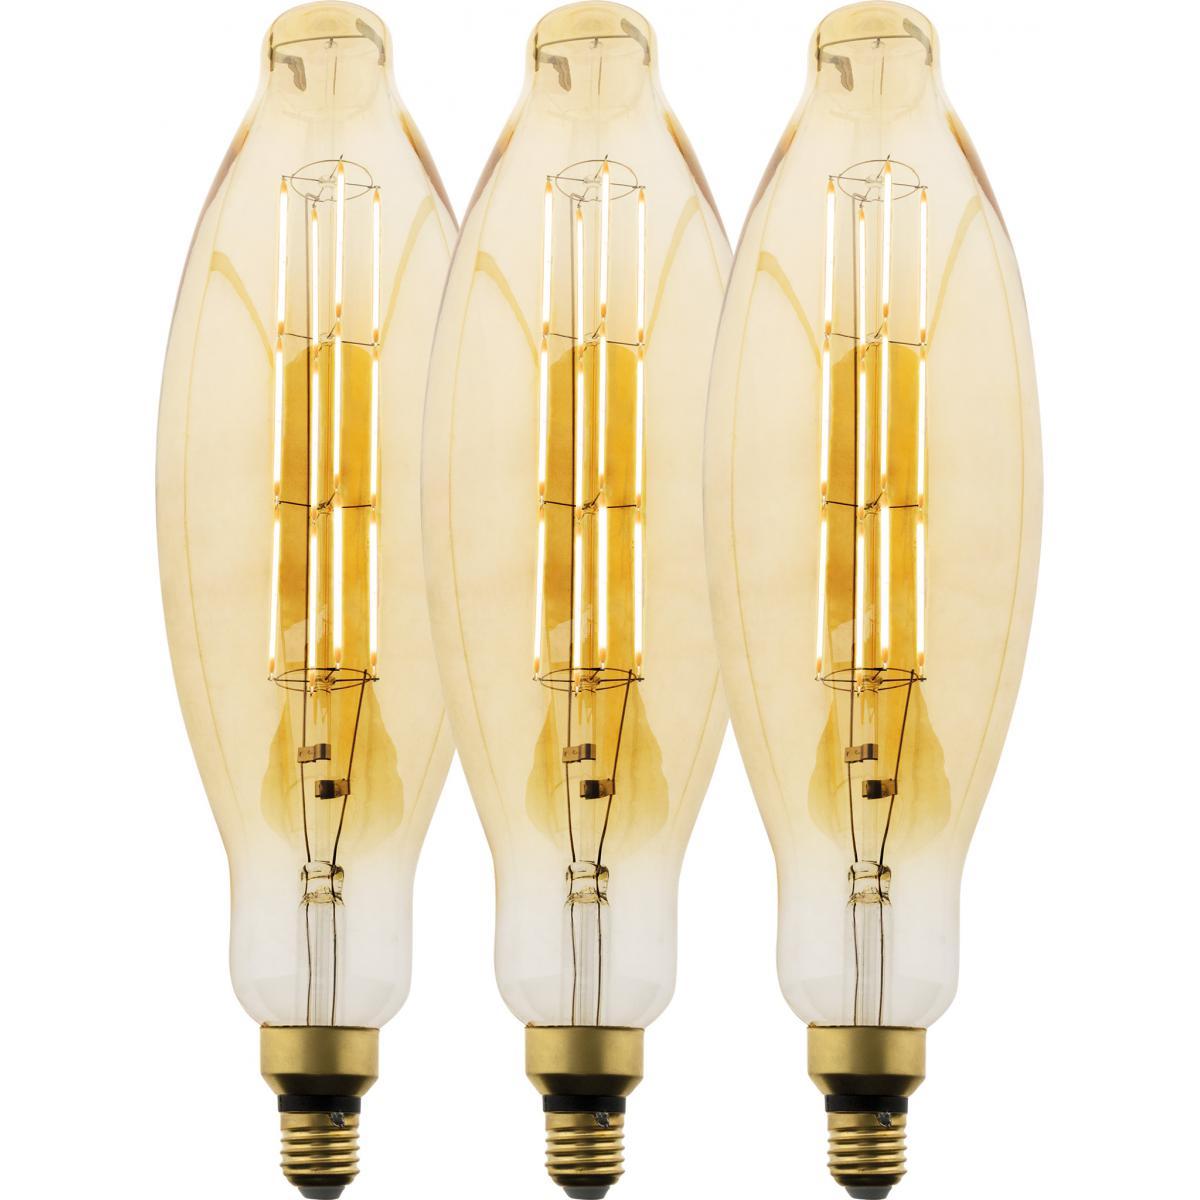 Elexity Lot de 3 ampoules LED Filament Géante Tube - 5W E27 350lm 2500K (Blanc chaud)